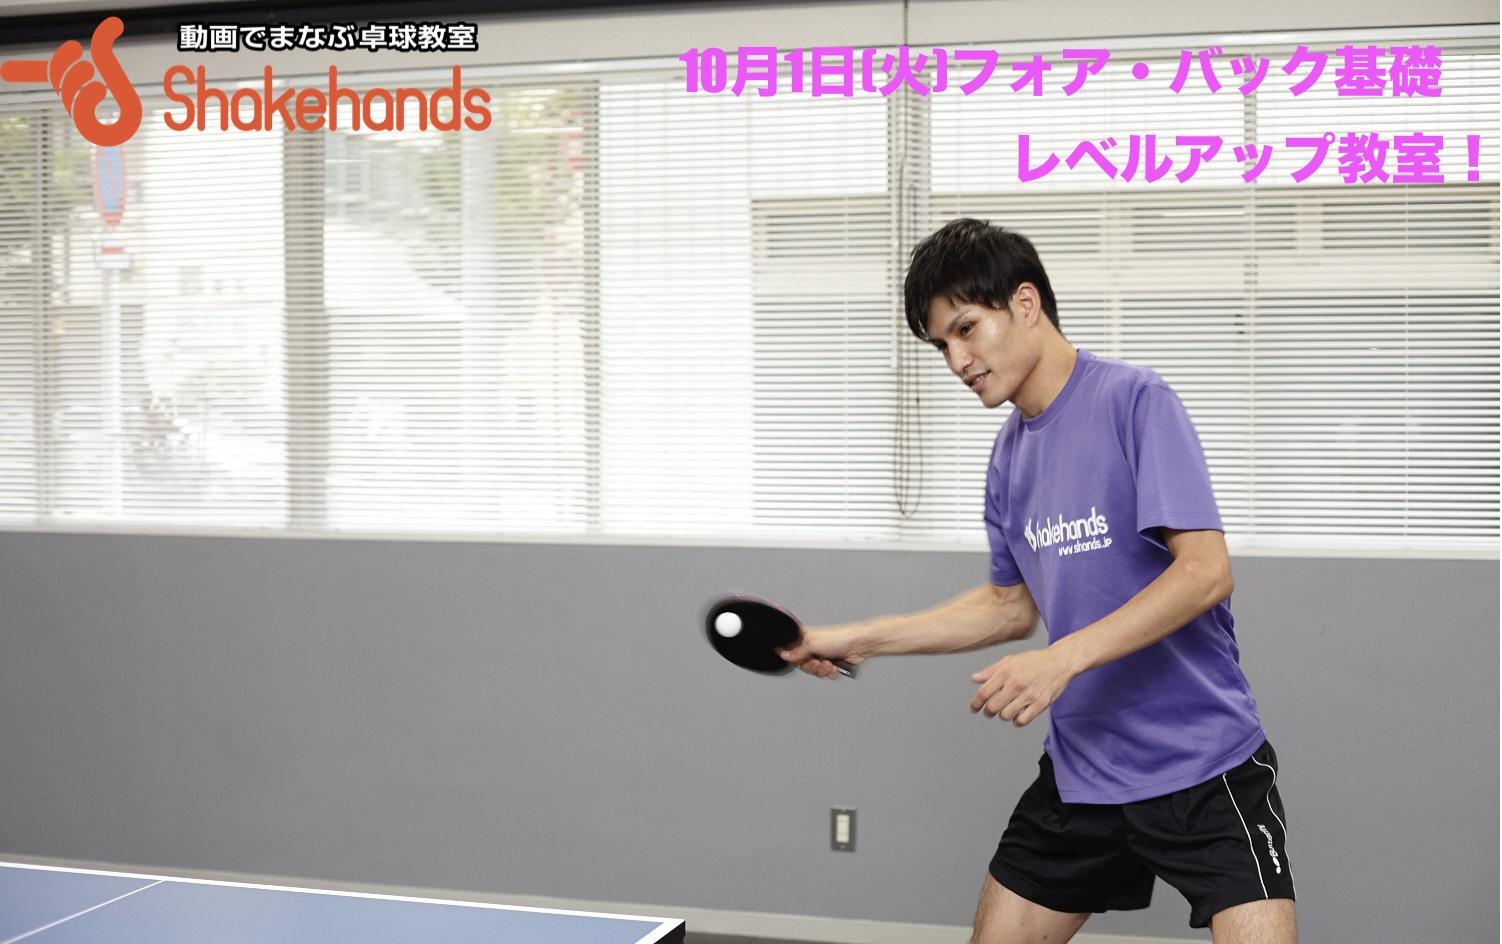 【卓球教室で学ぶ!】フォア・バックをレベルアップしよう!